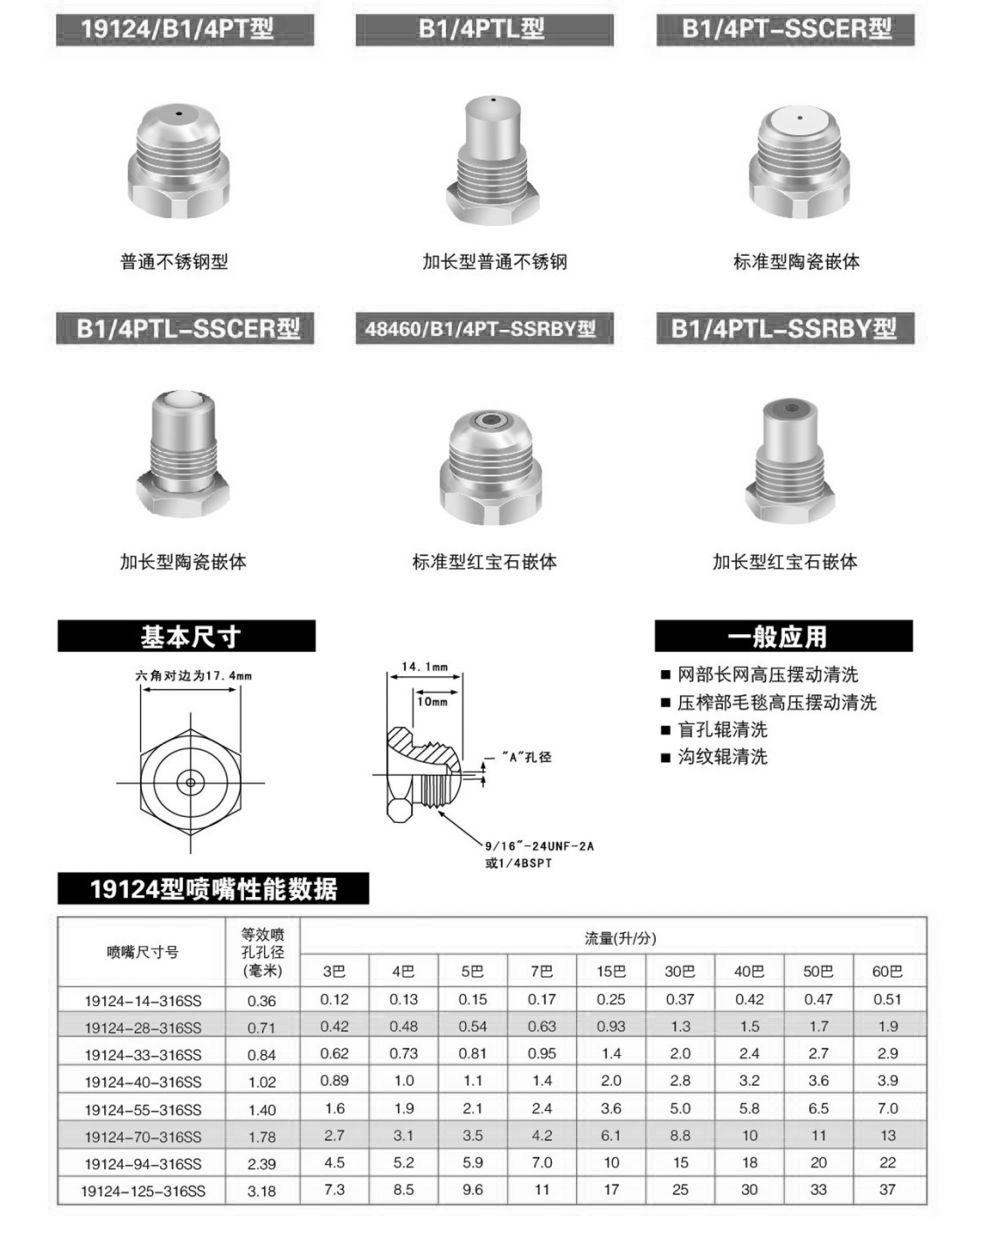 高压针形喷嘴性能数据2